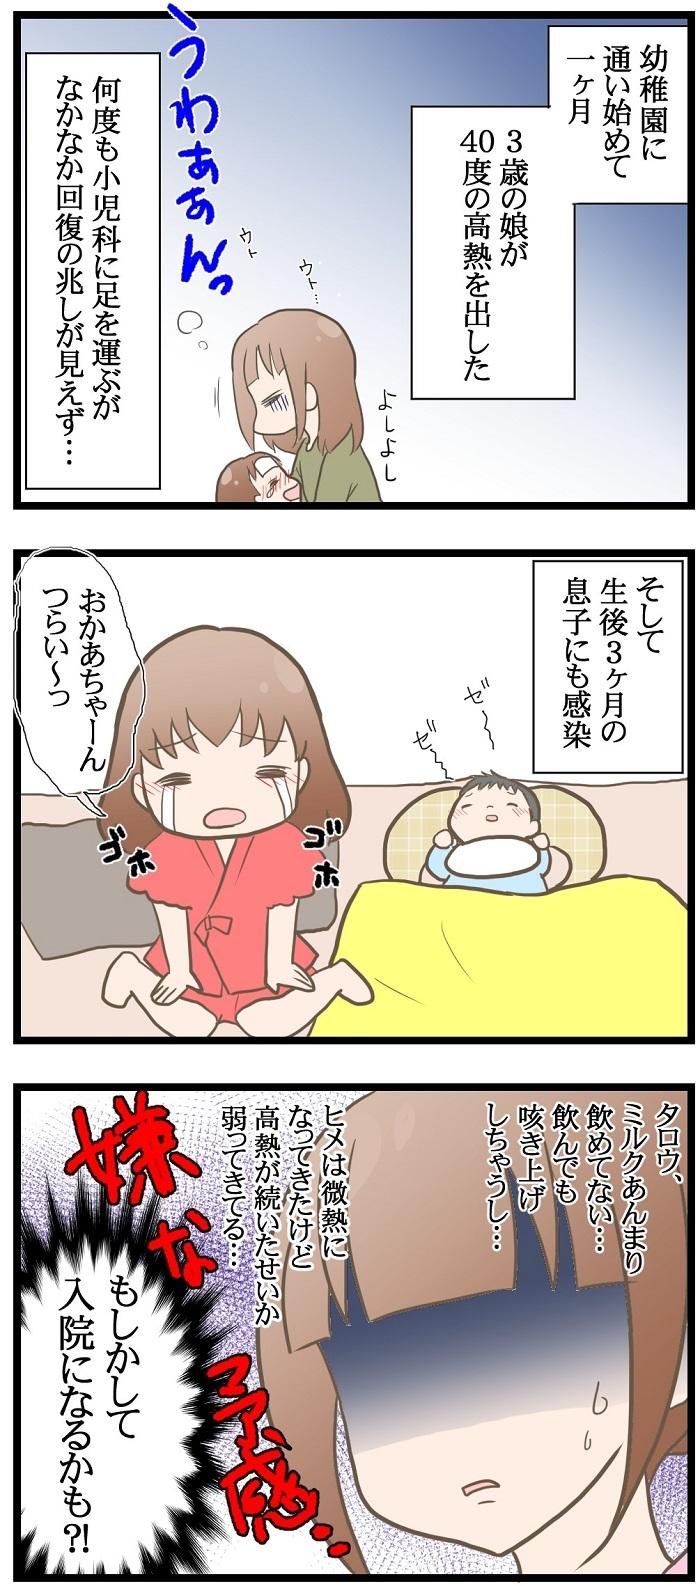 家庭内感染で、子どもが2人同時に入院に!付き添いで困った5つのことの画像1